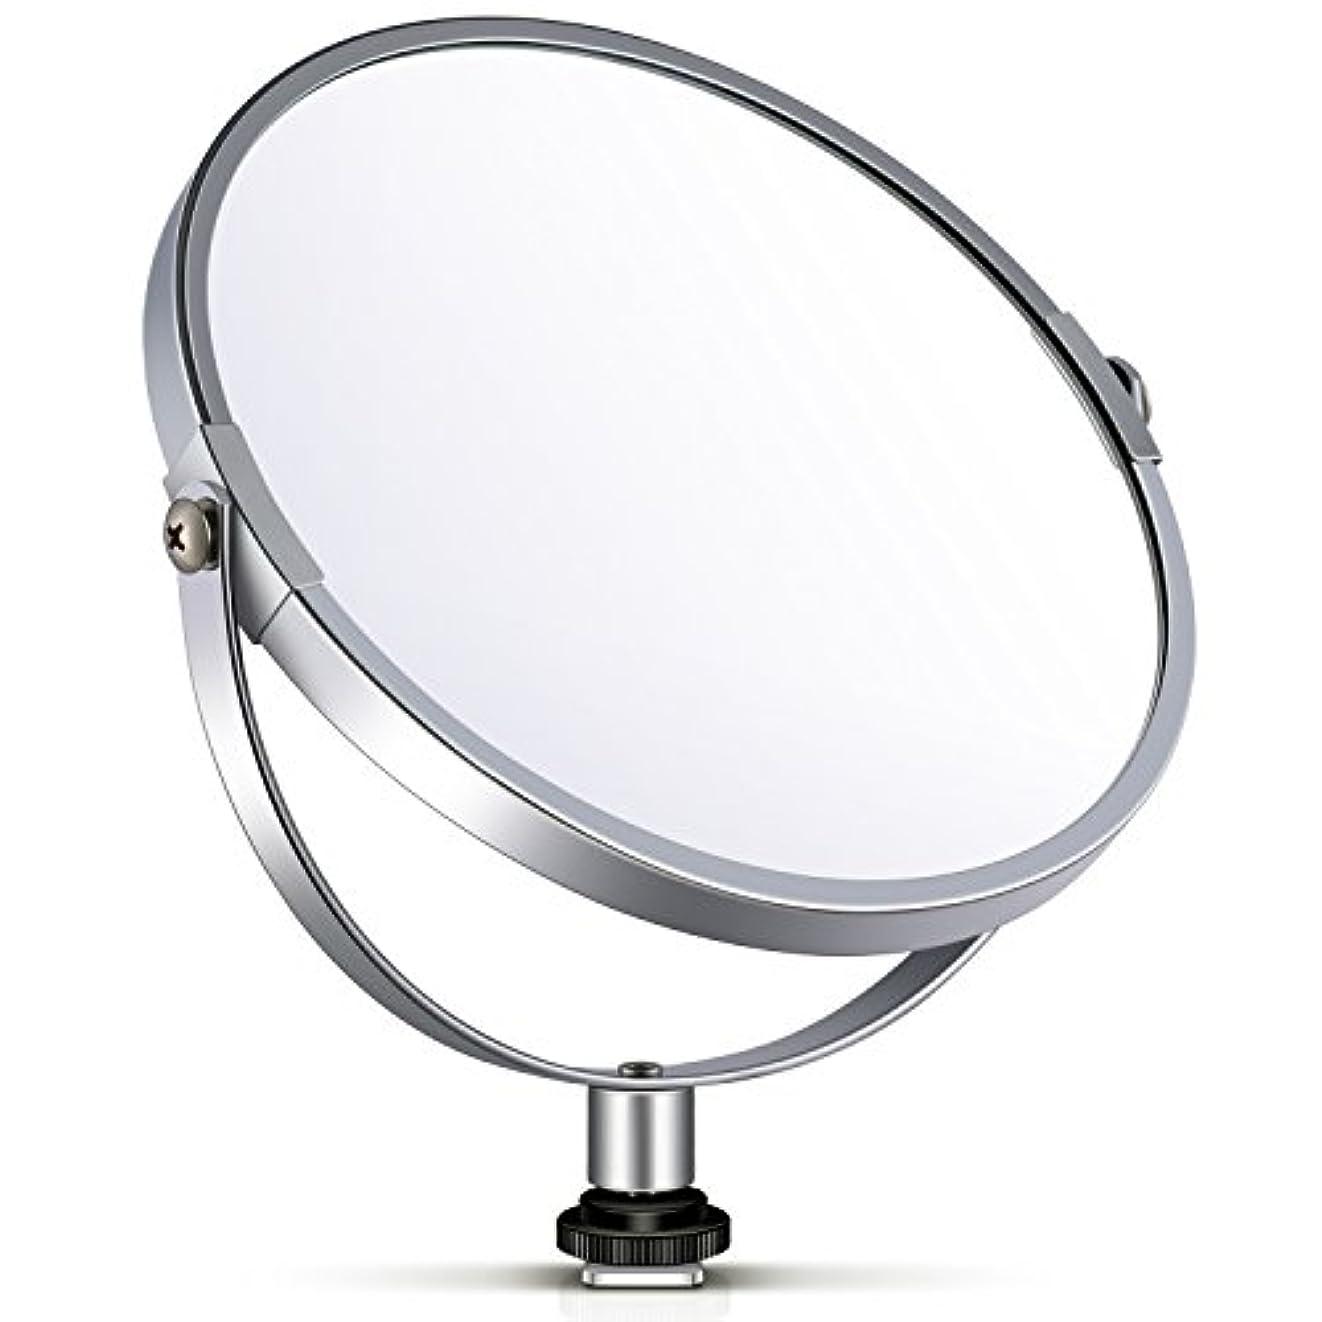 怖いメイン論争的Neewer 両面鏡 拡大鏡 化粧鏡 6 in/15.2 cm 円形 14 inのリングライト 自撮り 化粧 ポートレート用アダプタ付